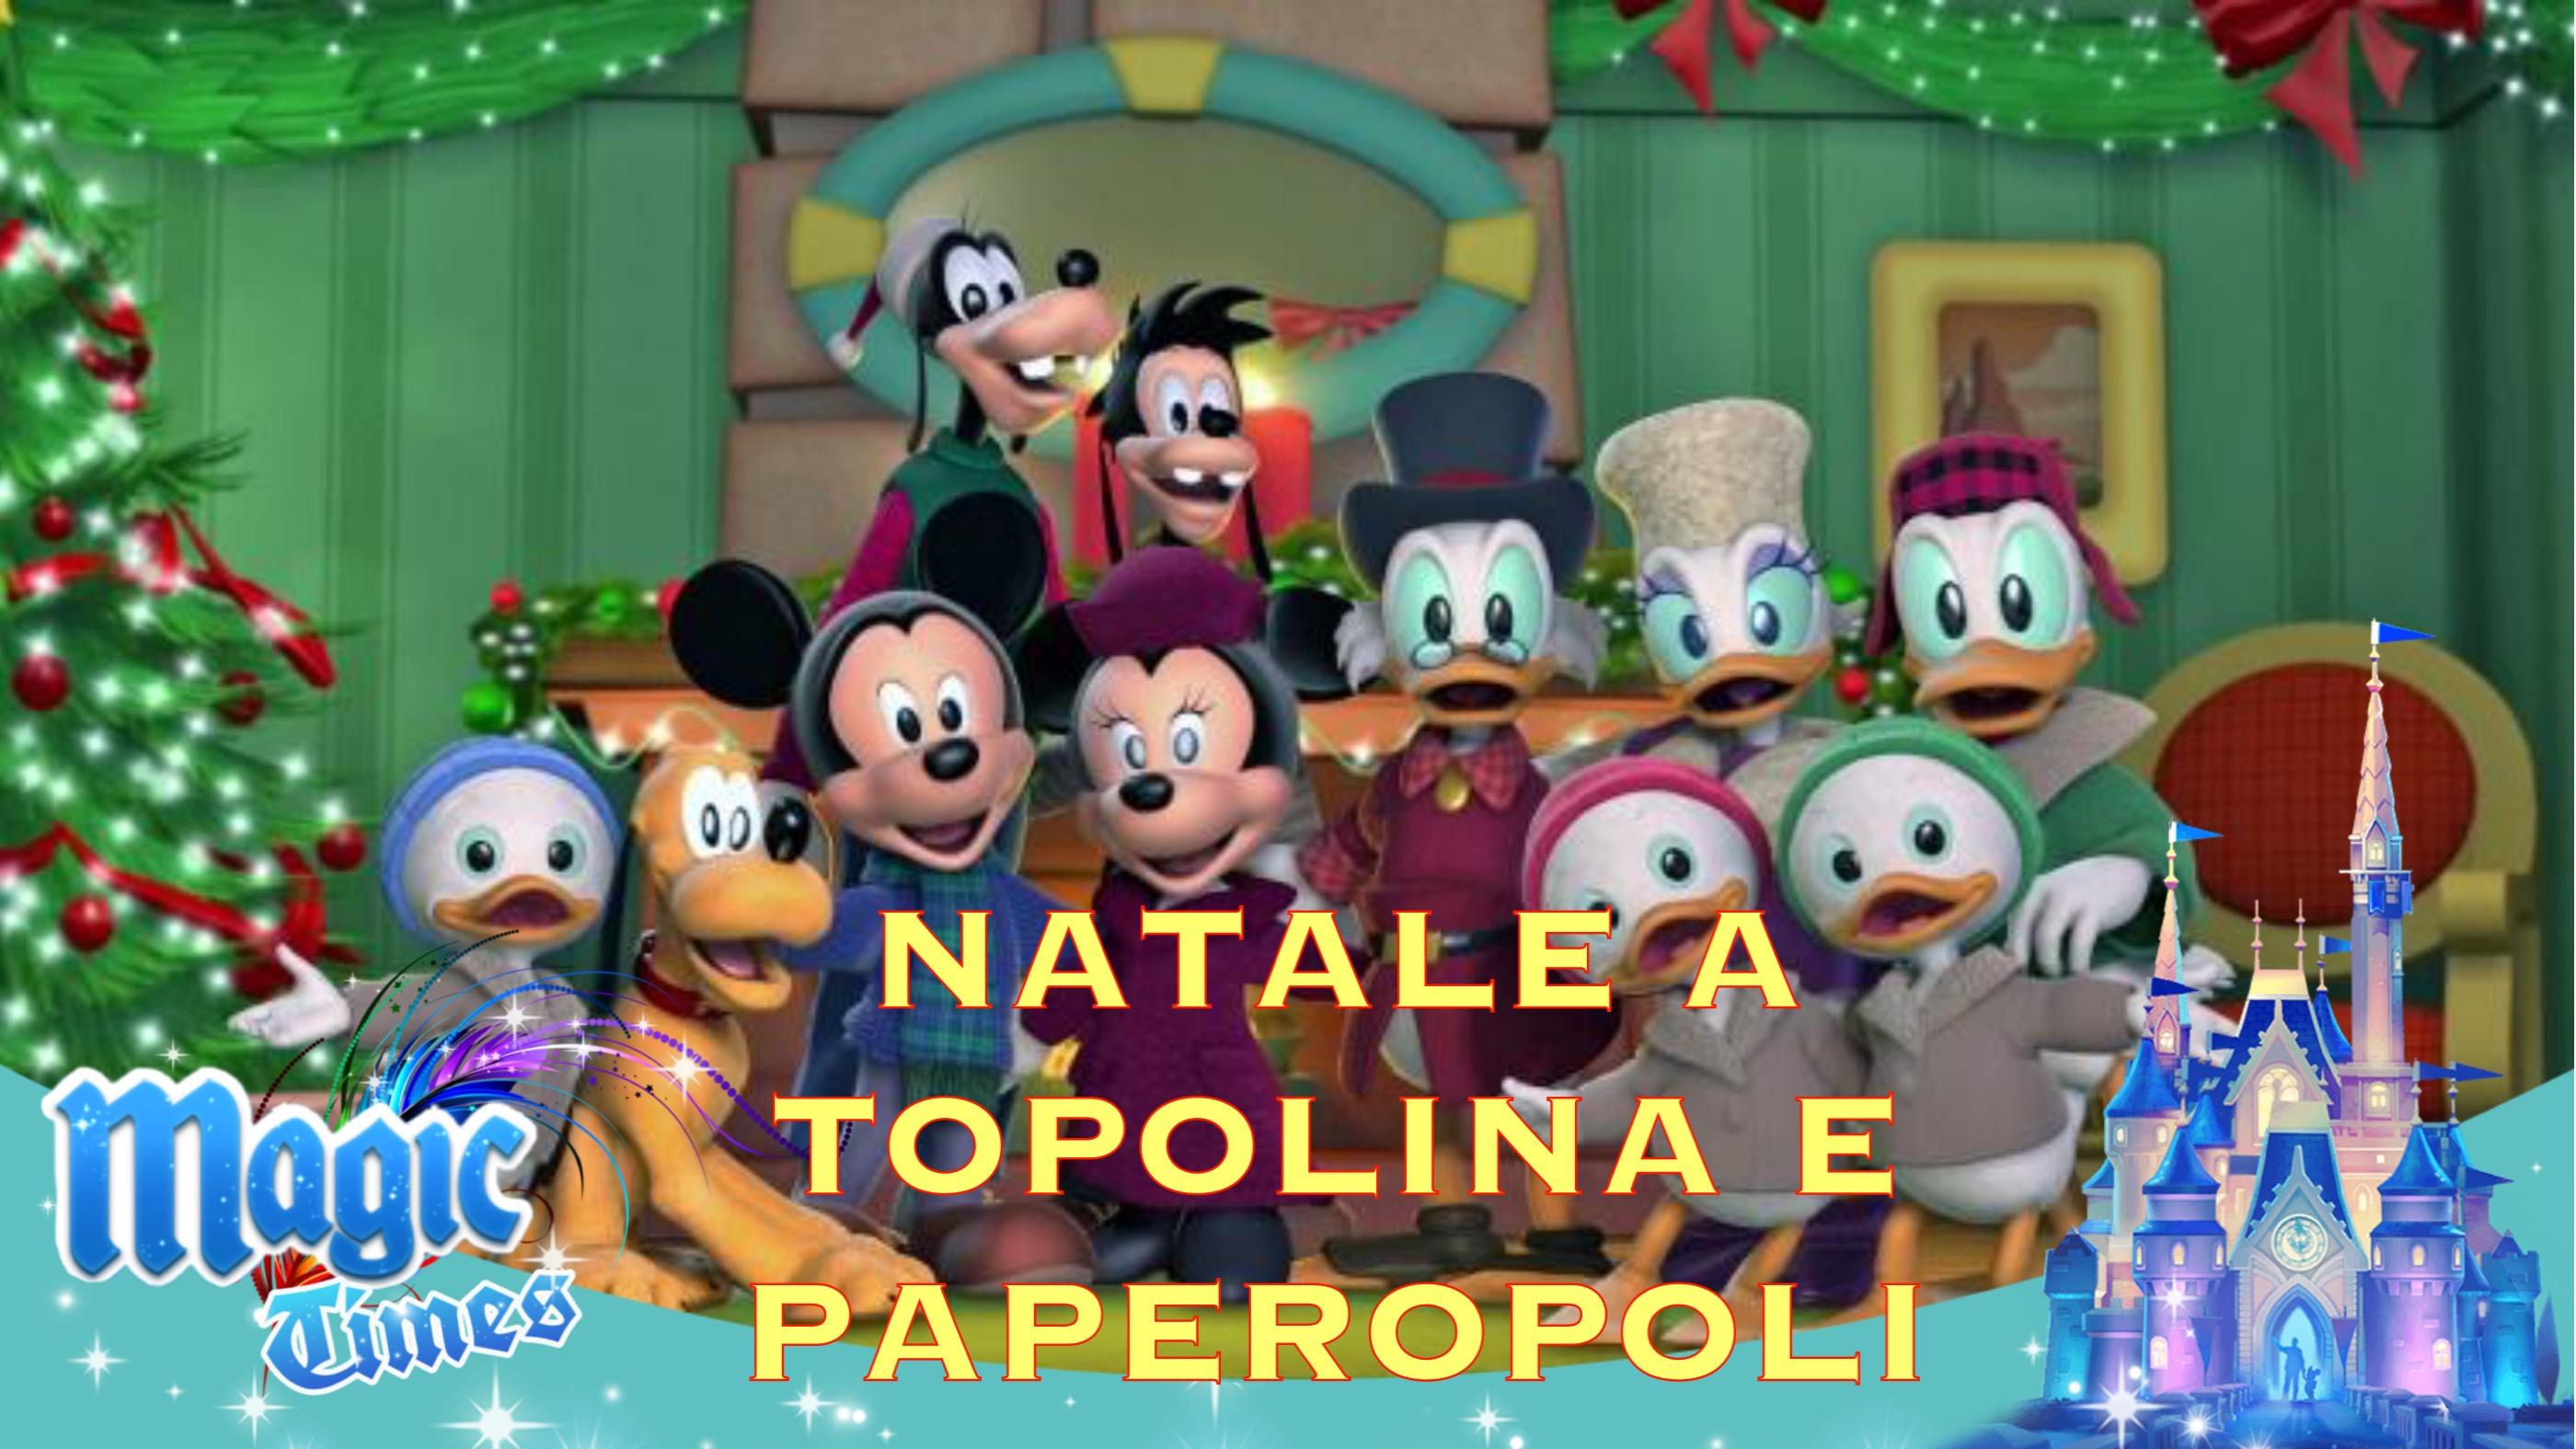 Natale a topolinia e paperopoli disney magic kingdoms italia